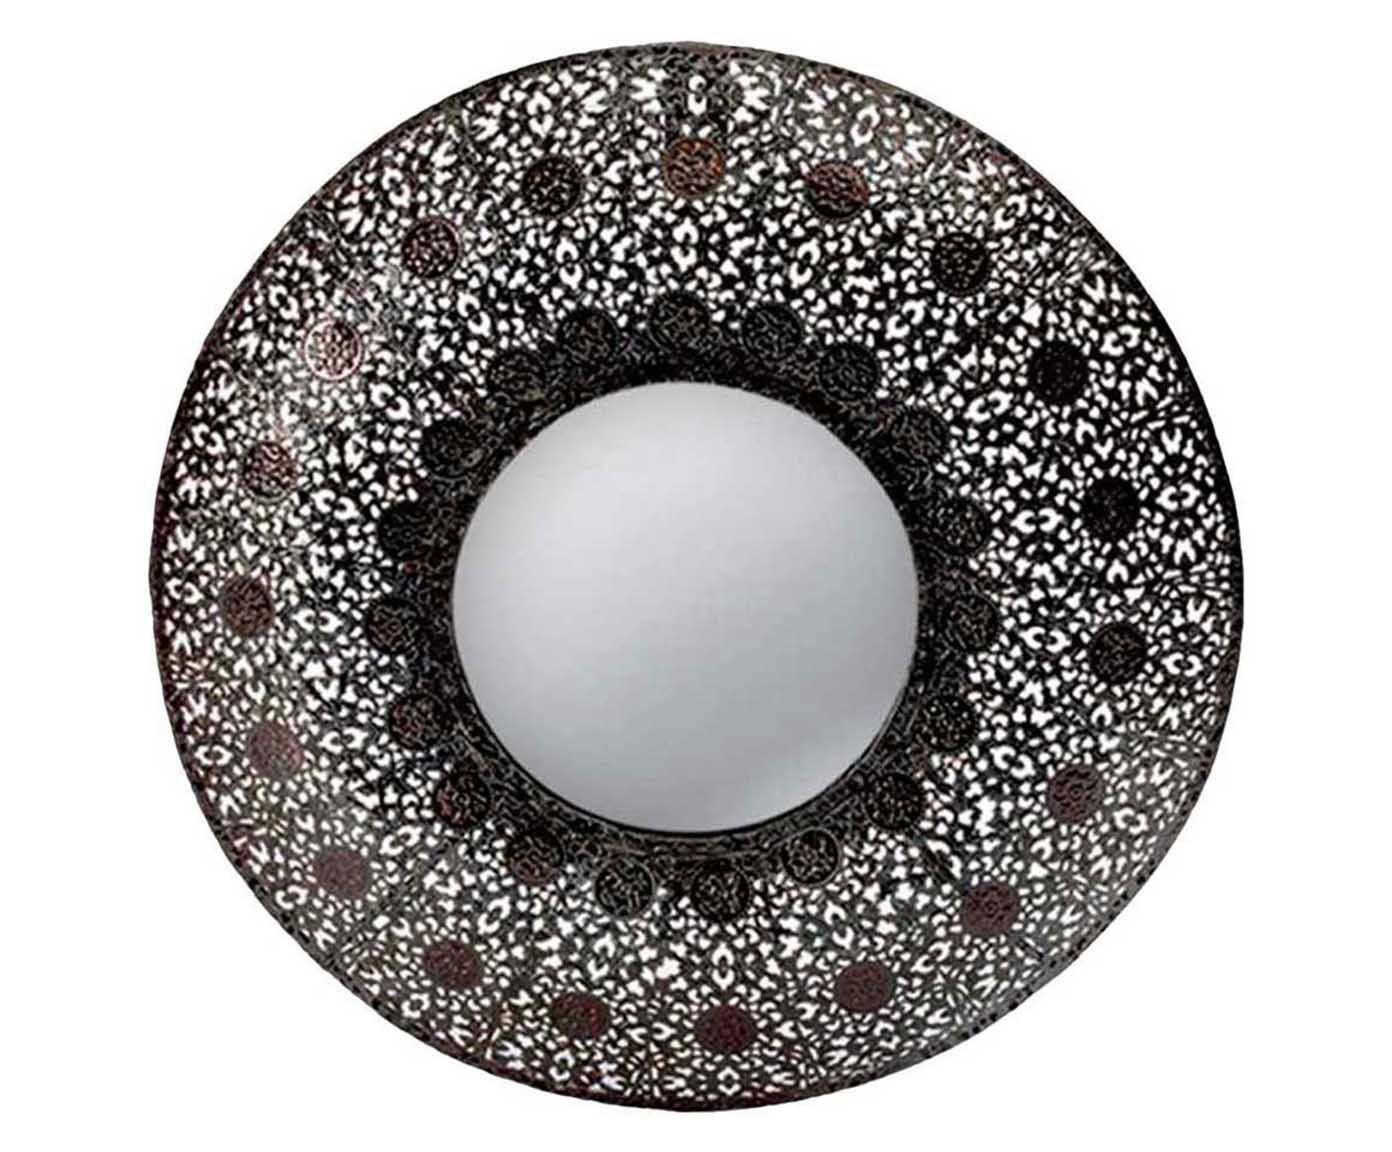 Espelho rhodes - 28 cm | Westwing.com.br